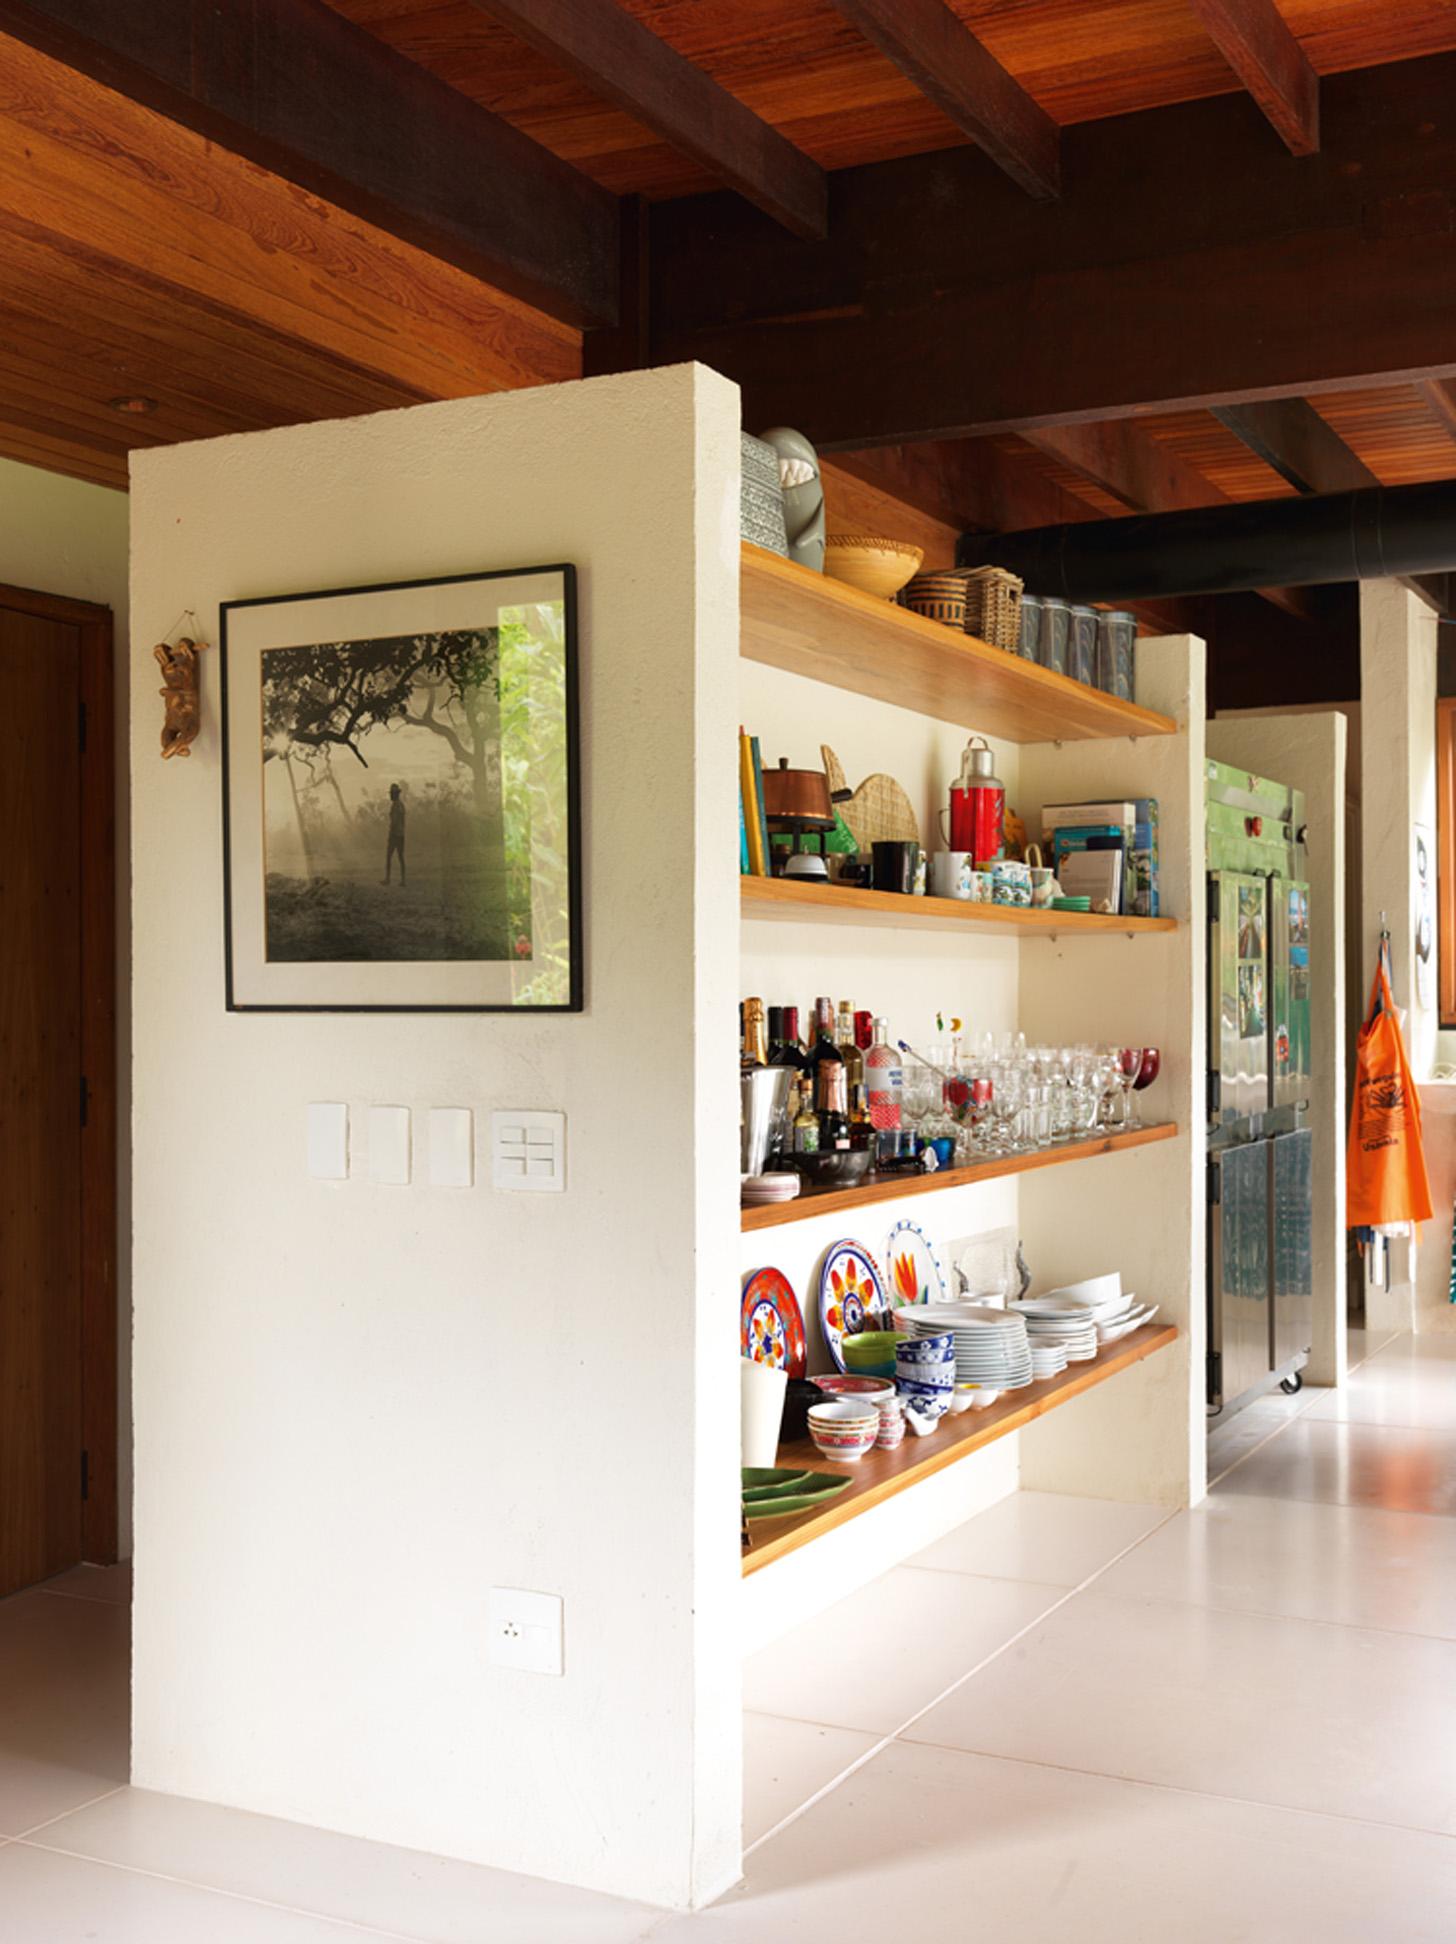 À mão: Na cozinha, as estantes de madeira fazem as vezes de armários e deixam os objetos à mostra, fáceis de pegar. Fotografia de Marcos Prado, amigo da família